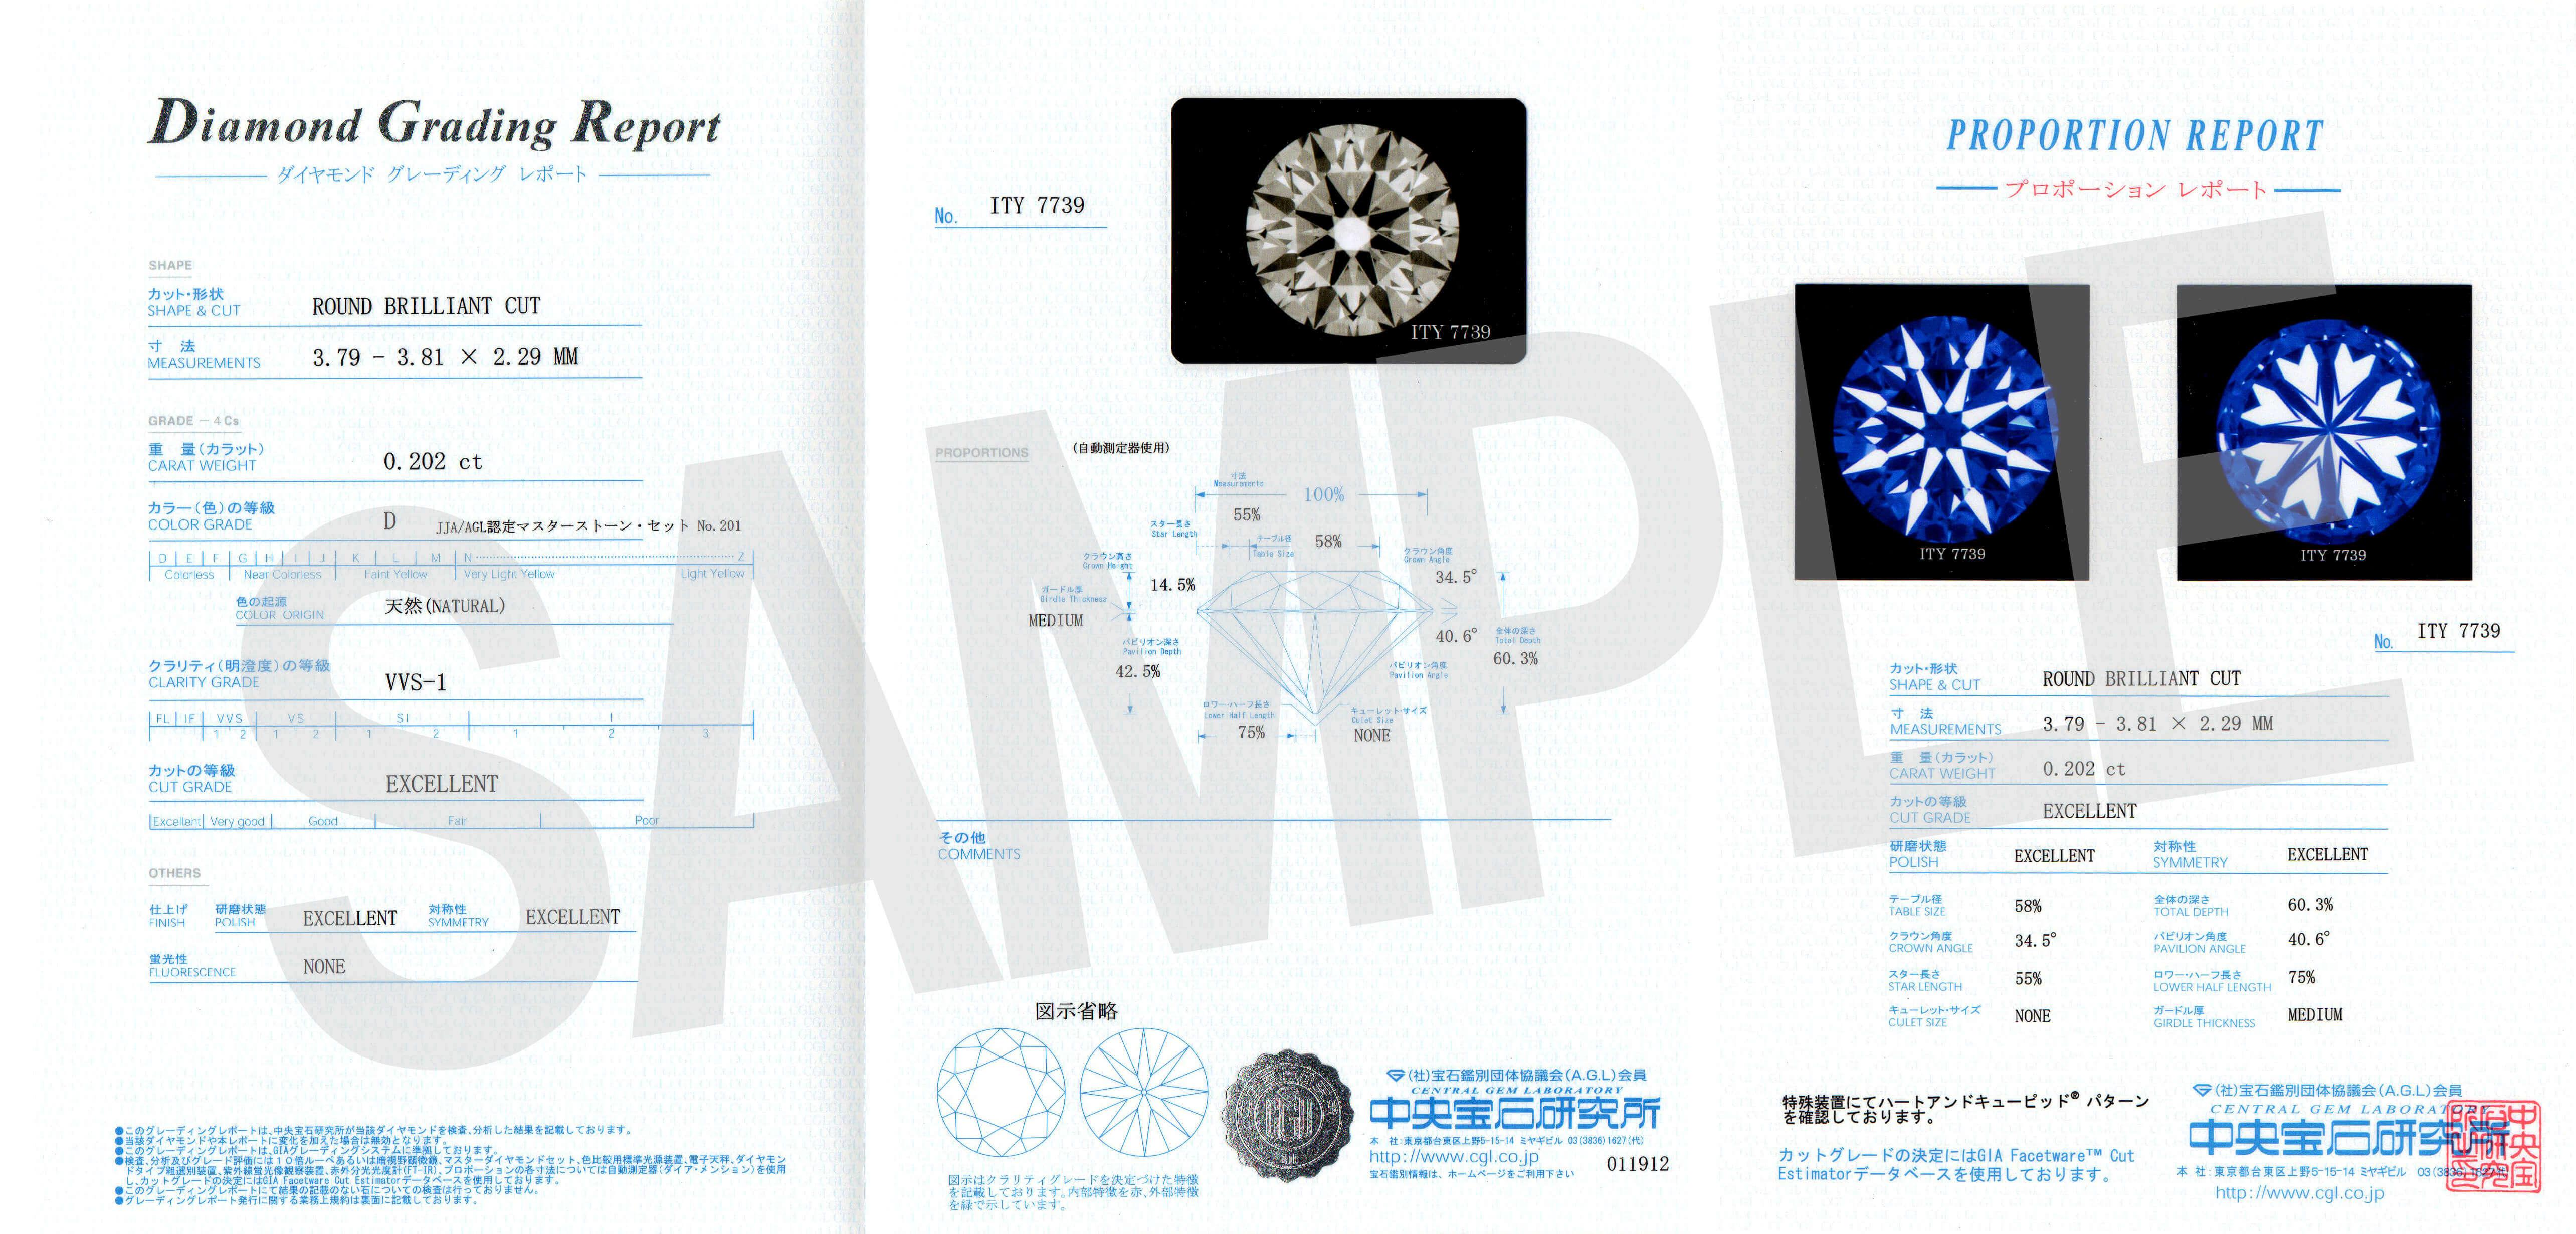 ダイヤモンド | ダイヤモンド鑑定書 | かざりやゆい | 世界に一つだけの結婚指輪「kazariya Yui」 | 福島県郡山市